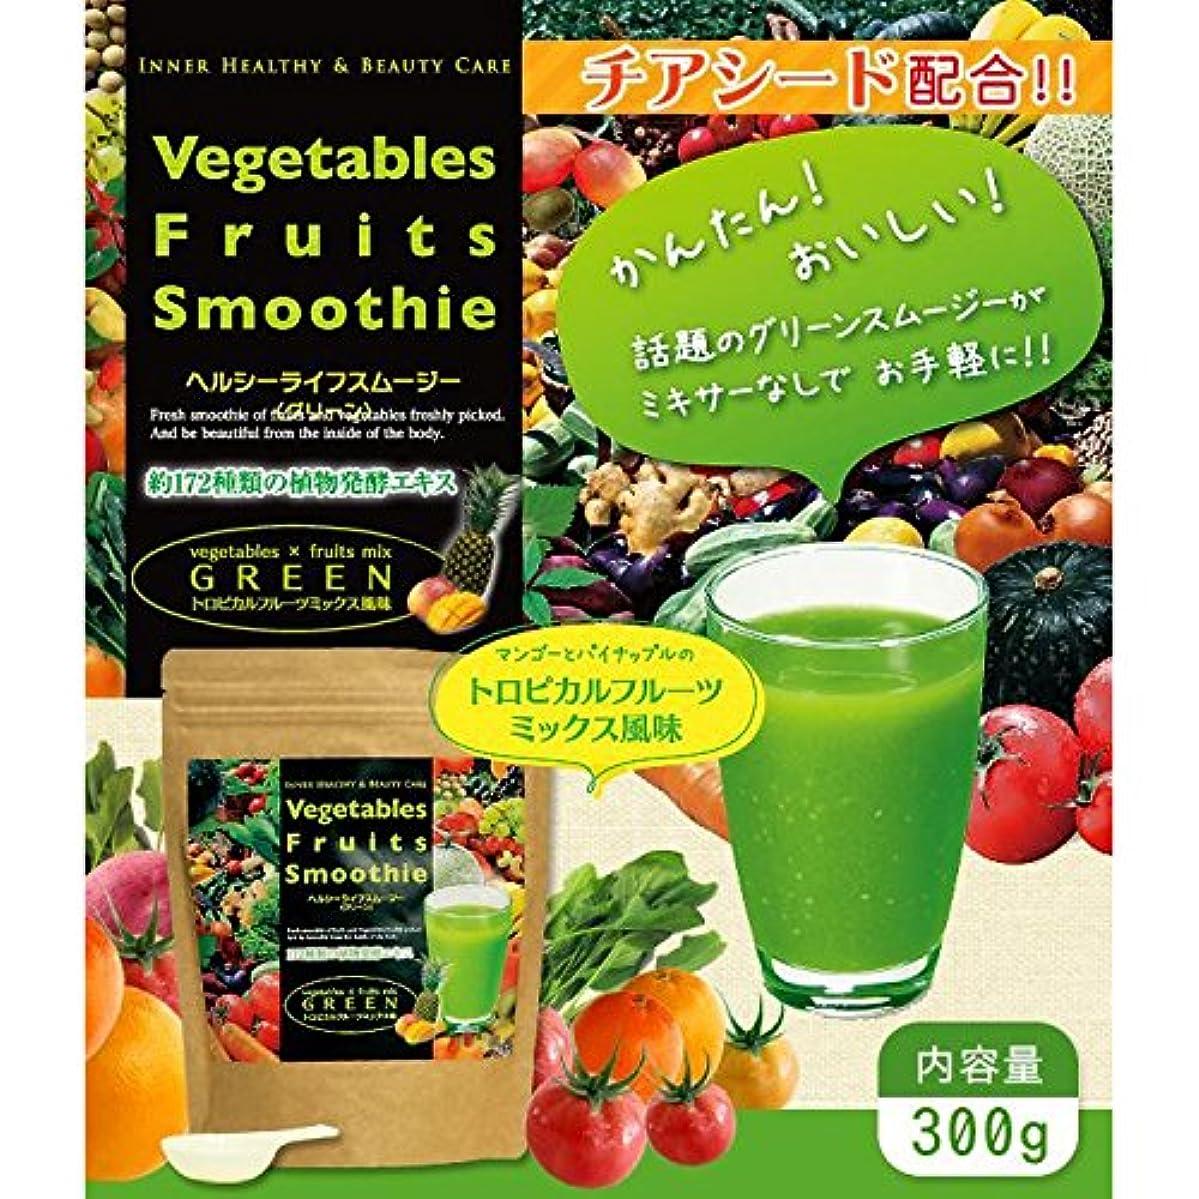 深い動機付ける変装Vegetables Fruits Smoothie ヘルシーライフスムージー(グリーン)トロピカルフルーツミックス味 300g 日本製